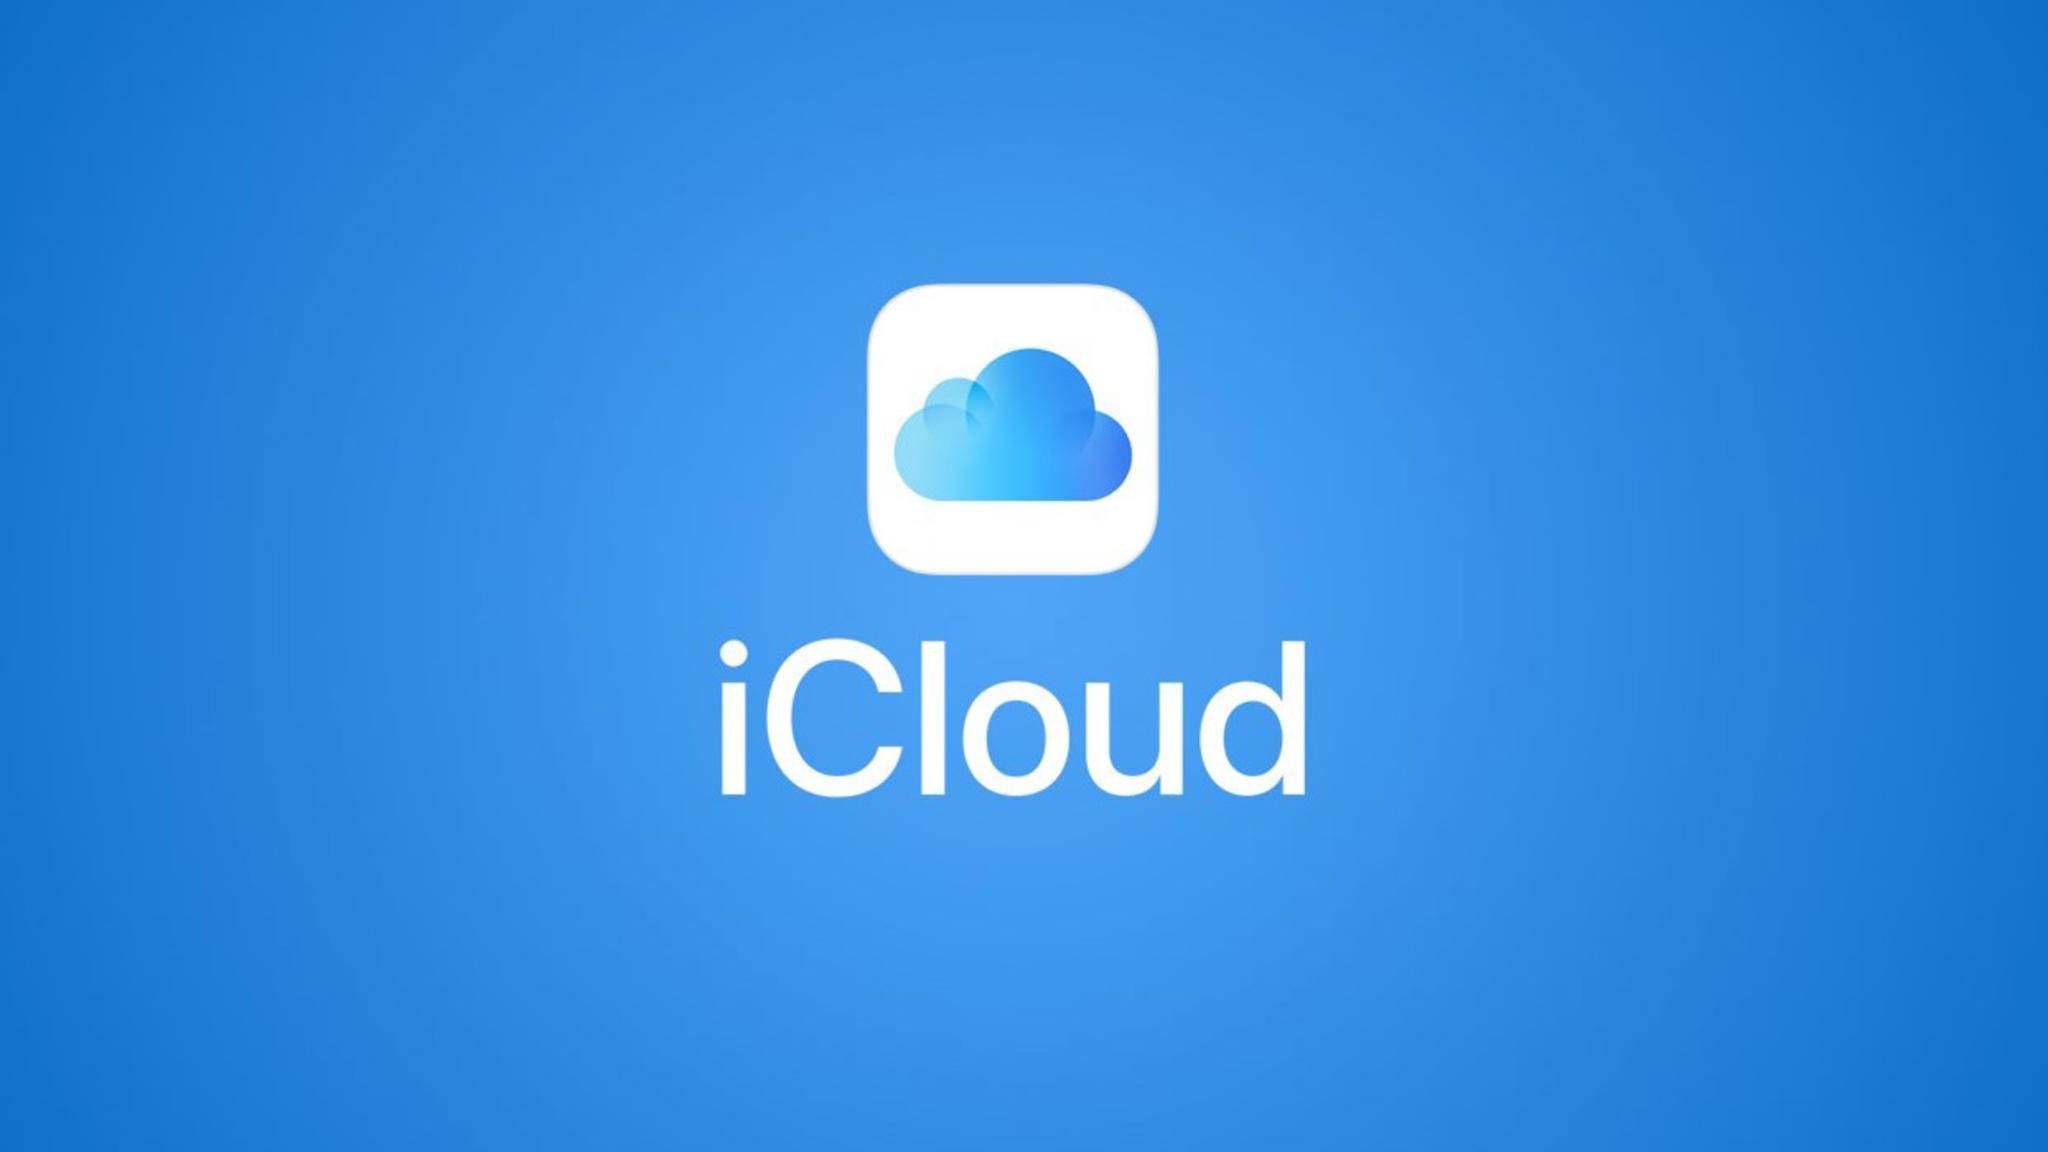 Ab sofort im Microsoft Store von Windows 10 erhältlich: die neue iCloud-App von Apple.